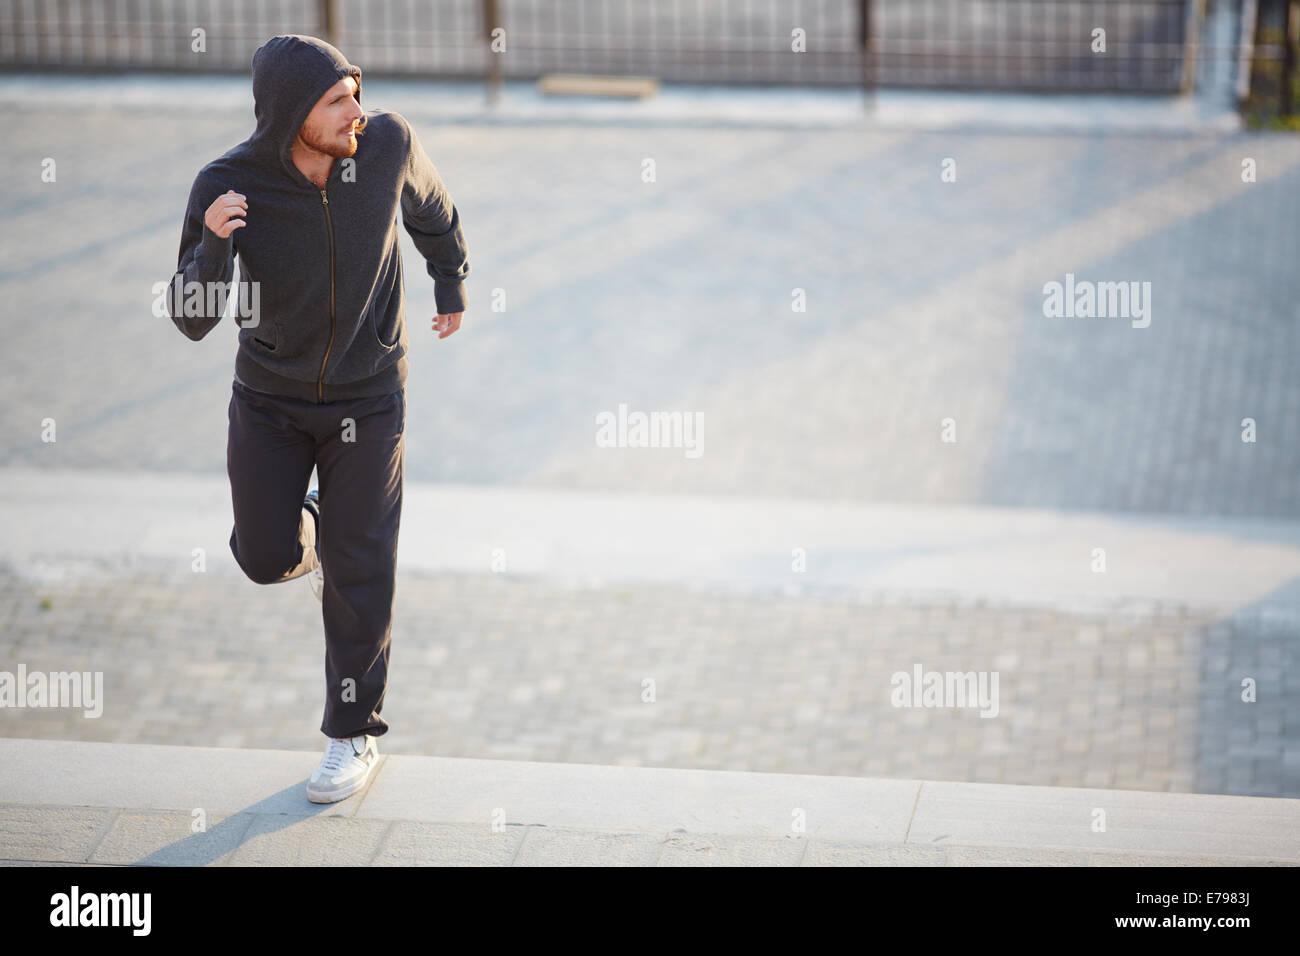 Porträt des jungen mannes in activewear joggen draußen stockfoto